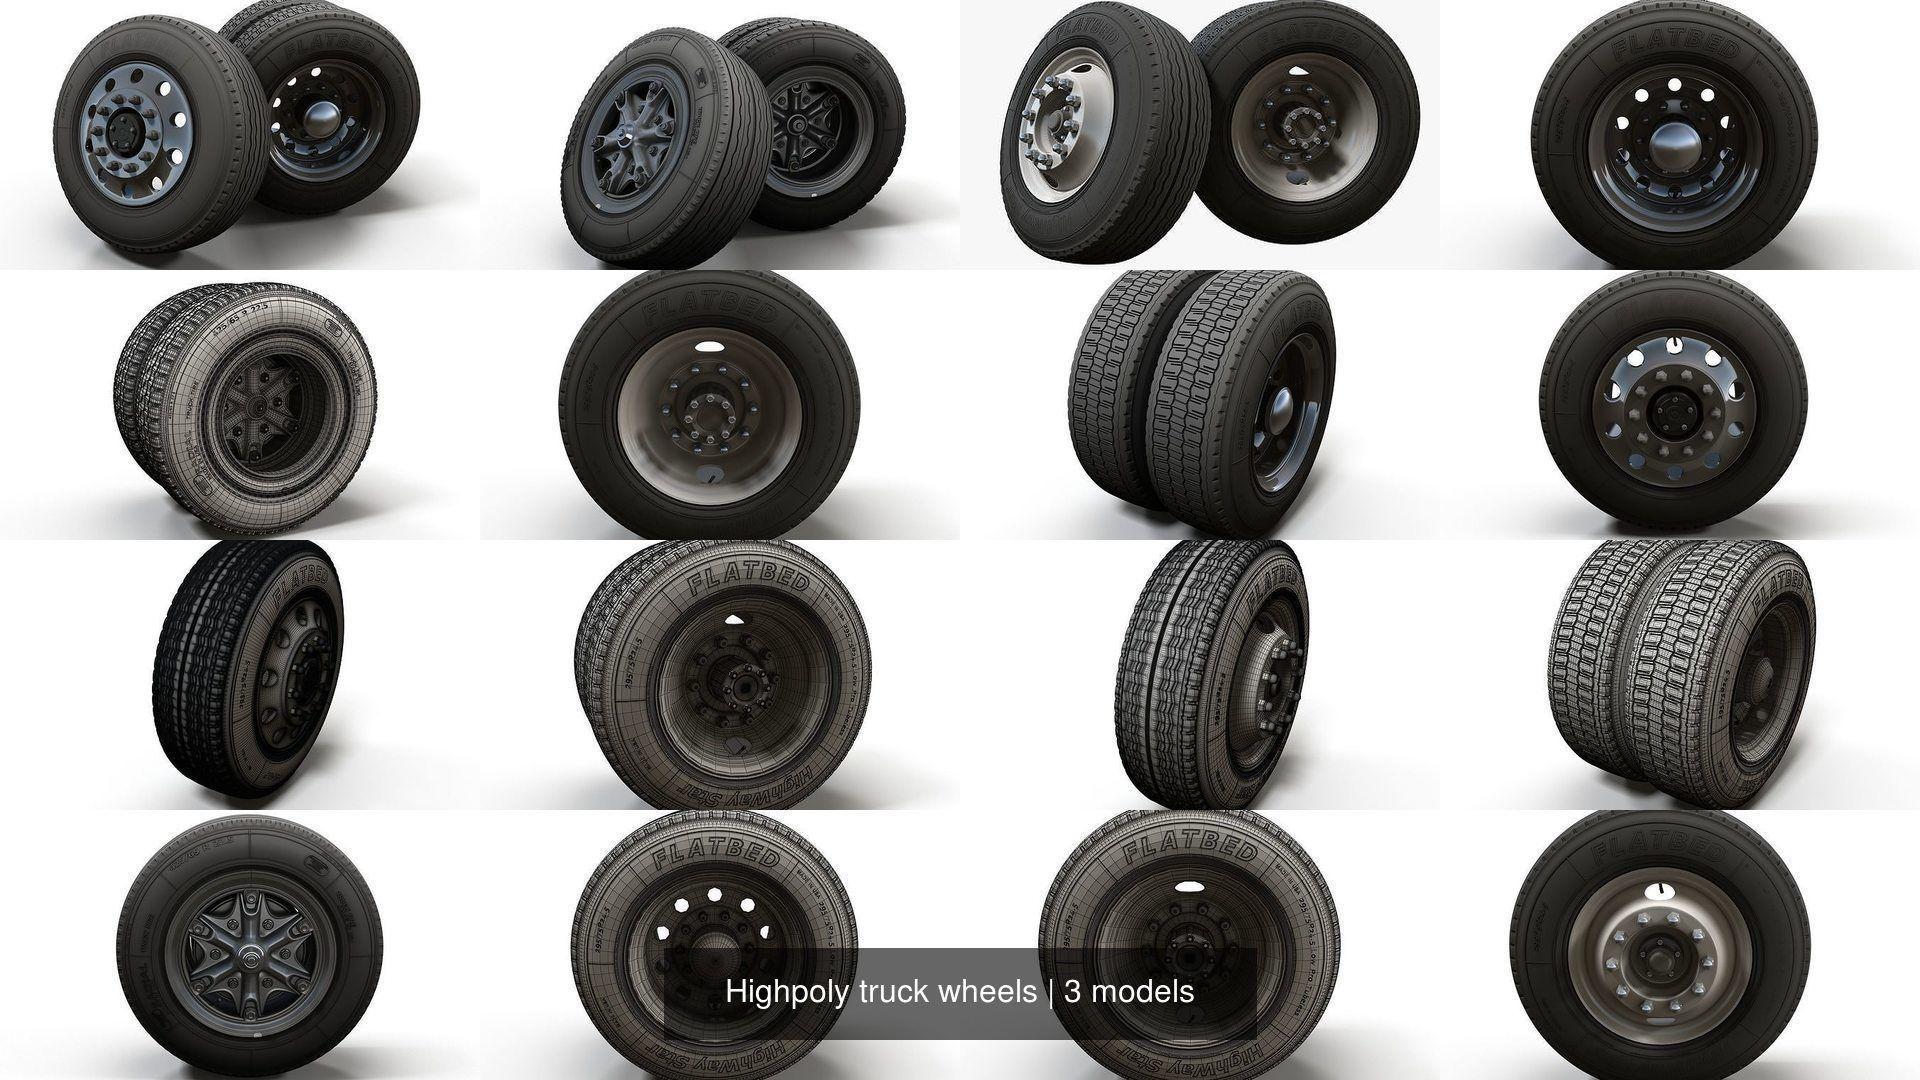 Highpoly truck wheels